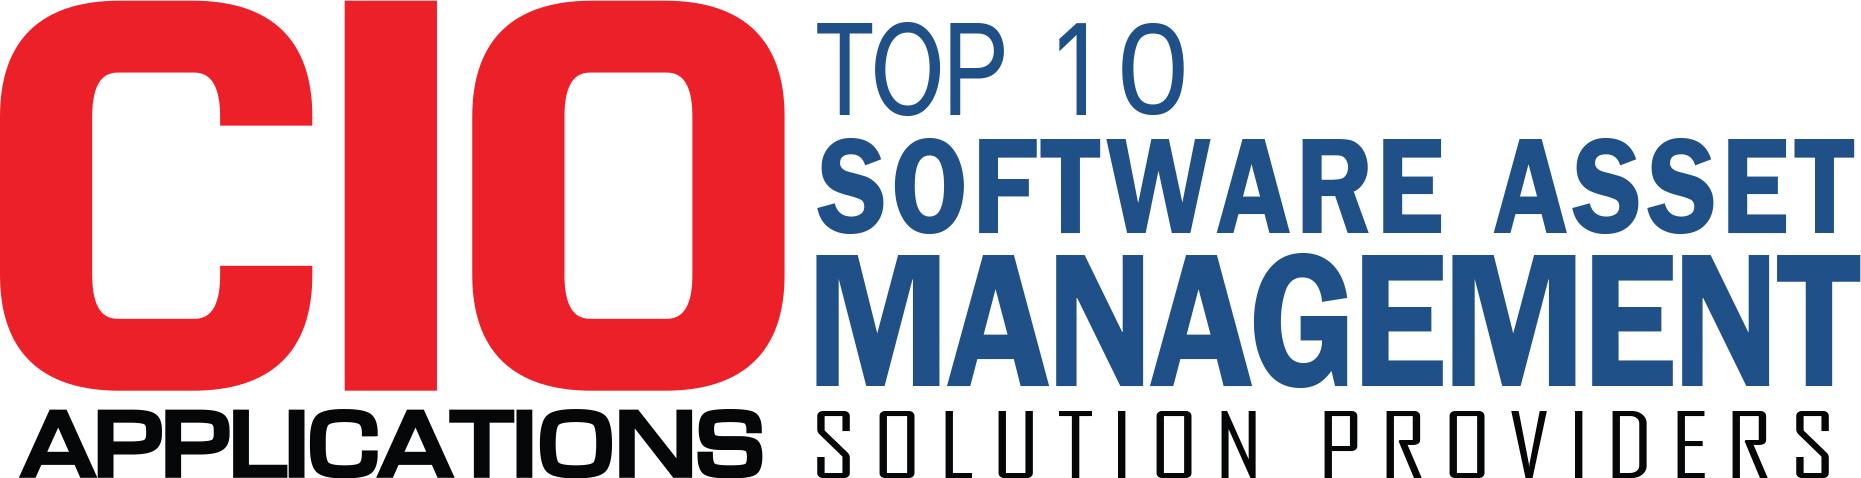 Top Software Asset Management Companies